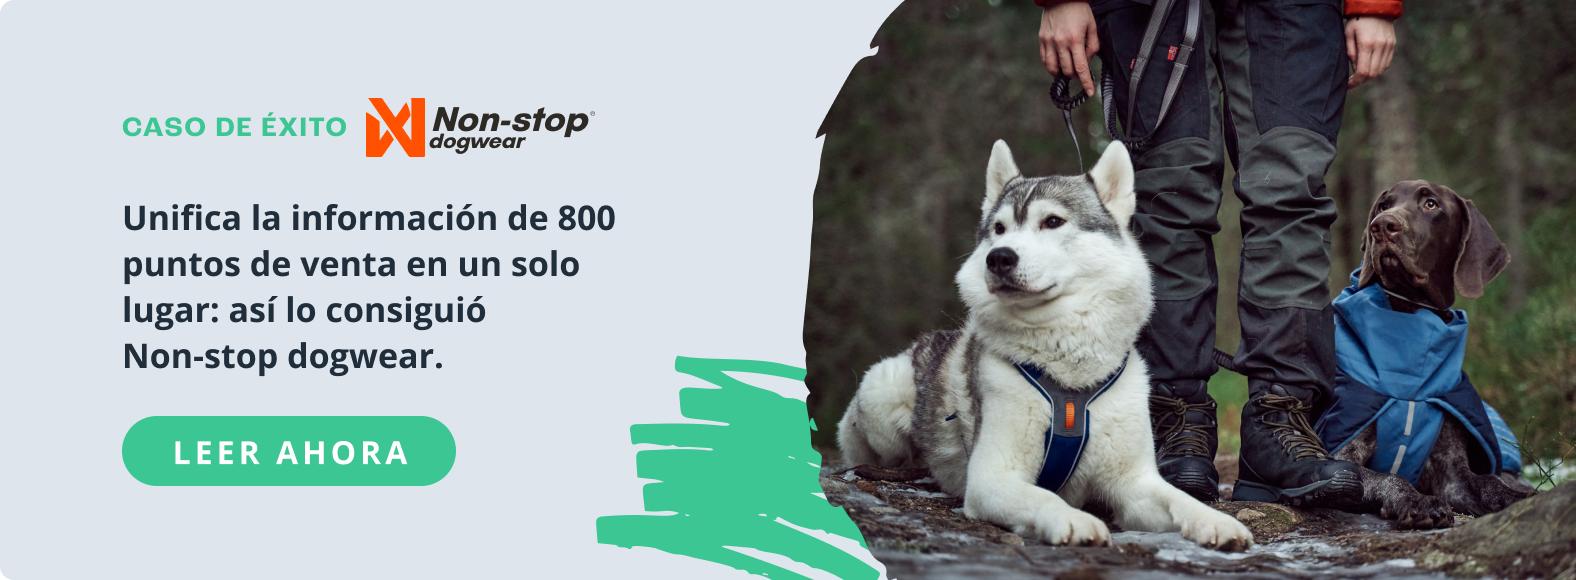 Caso de éxito Non-stop dogwear y Sales Layer